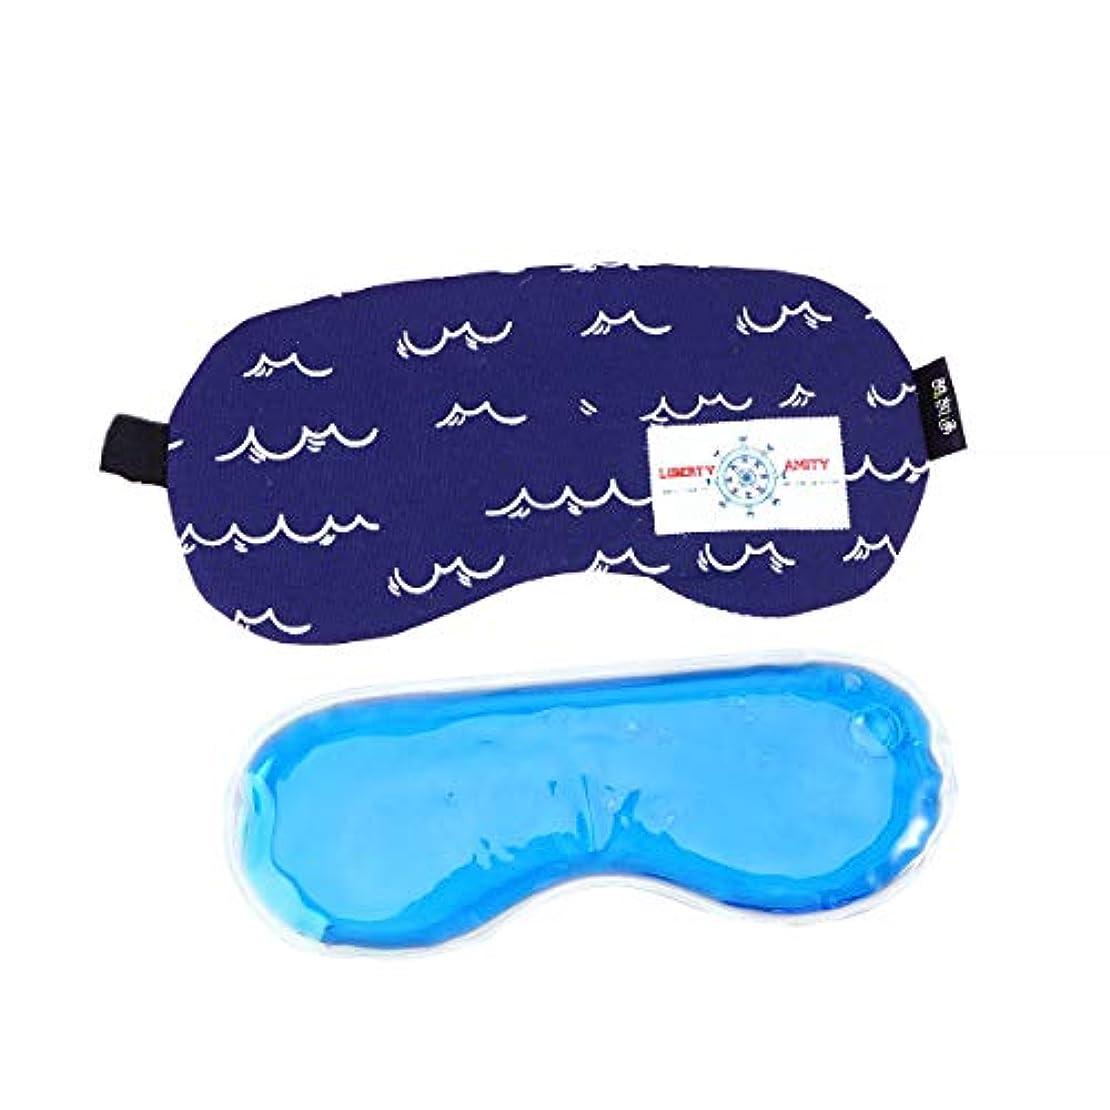 資格情報バンケット不良品Healifty 睡眠 アイマスク 軽量 アイマスク 遮光 圧迫感なし 疲れ目 睡眠 旅行 仮 眠 疲労回復に最適 温冷両用ジェルパック コールド/ホットジェル付き(ブルー)